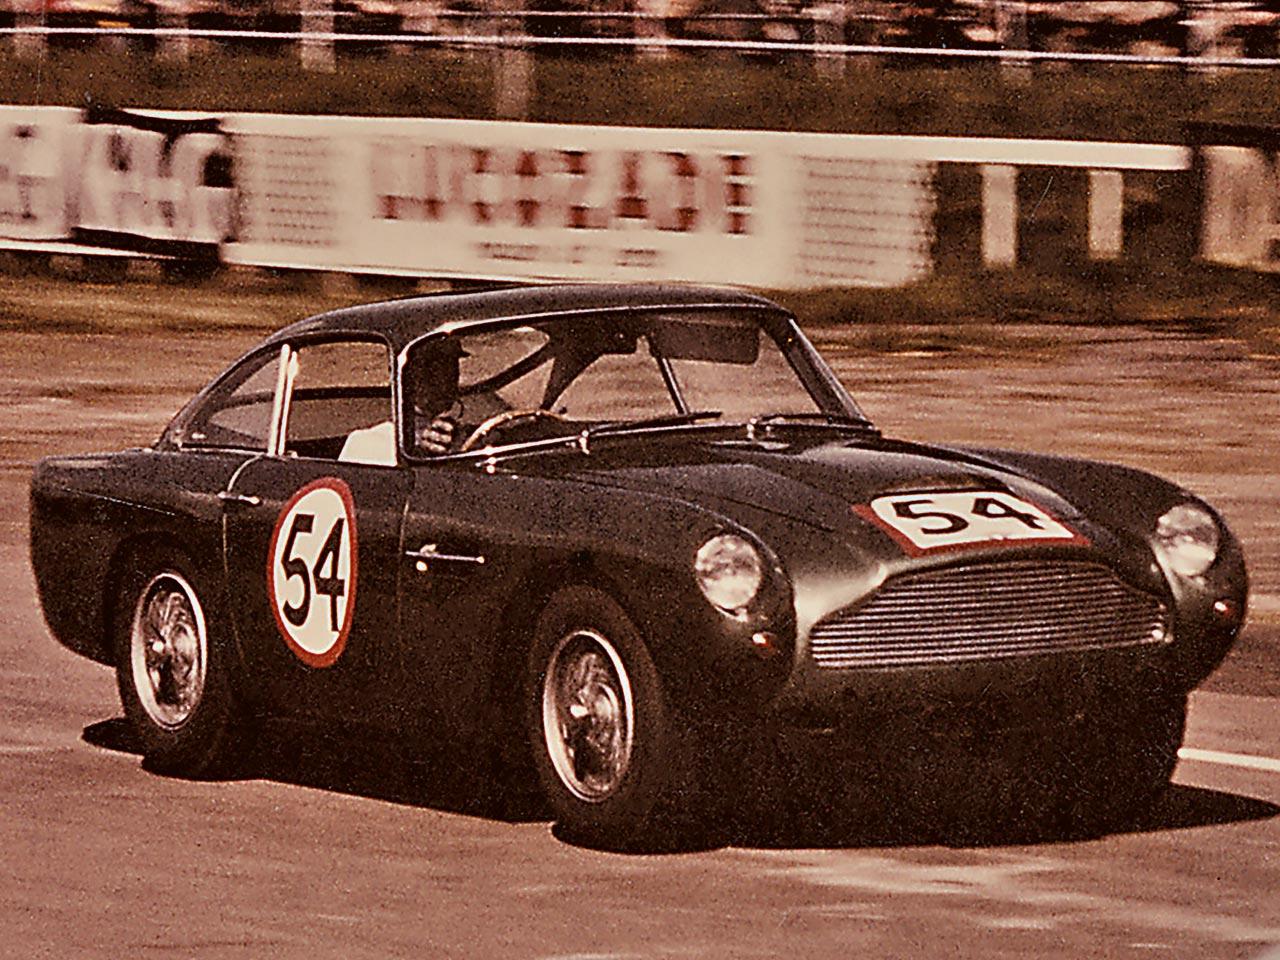 Aston Martin Db4 Gt Neuauflage Preis Autozeitung De